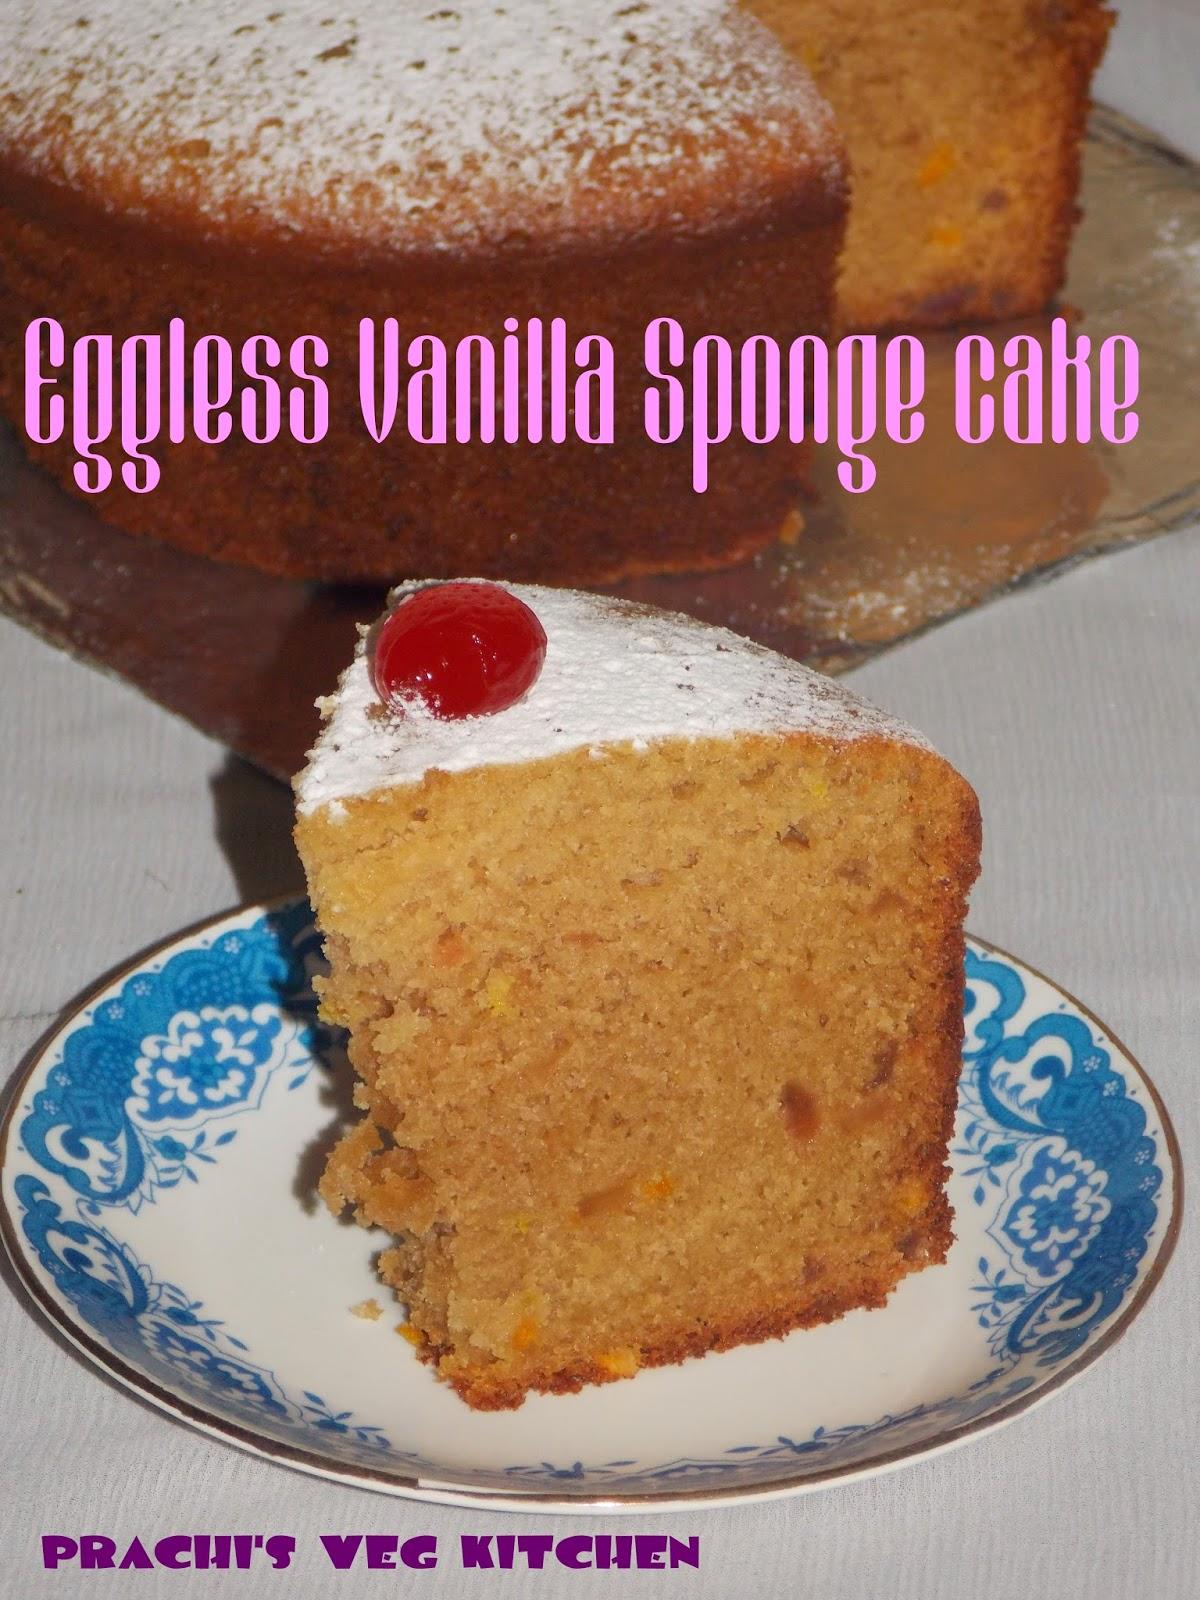 Prachi S Veg Kitchen Eggless Vanilla Sponge Cake Cake